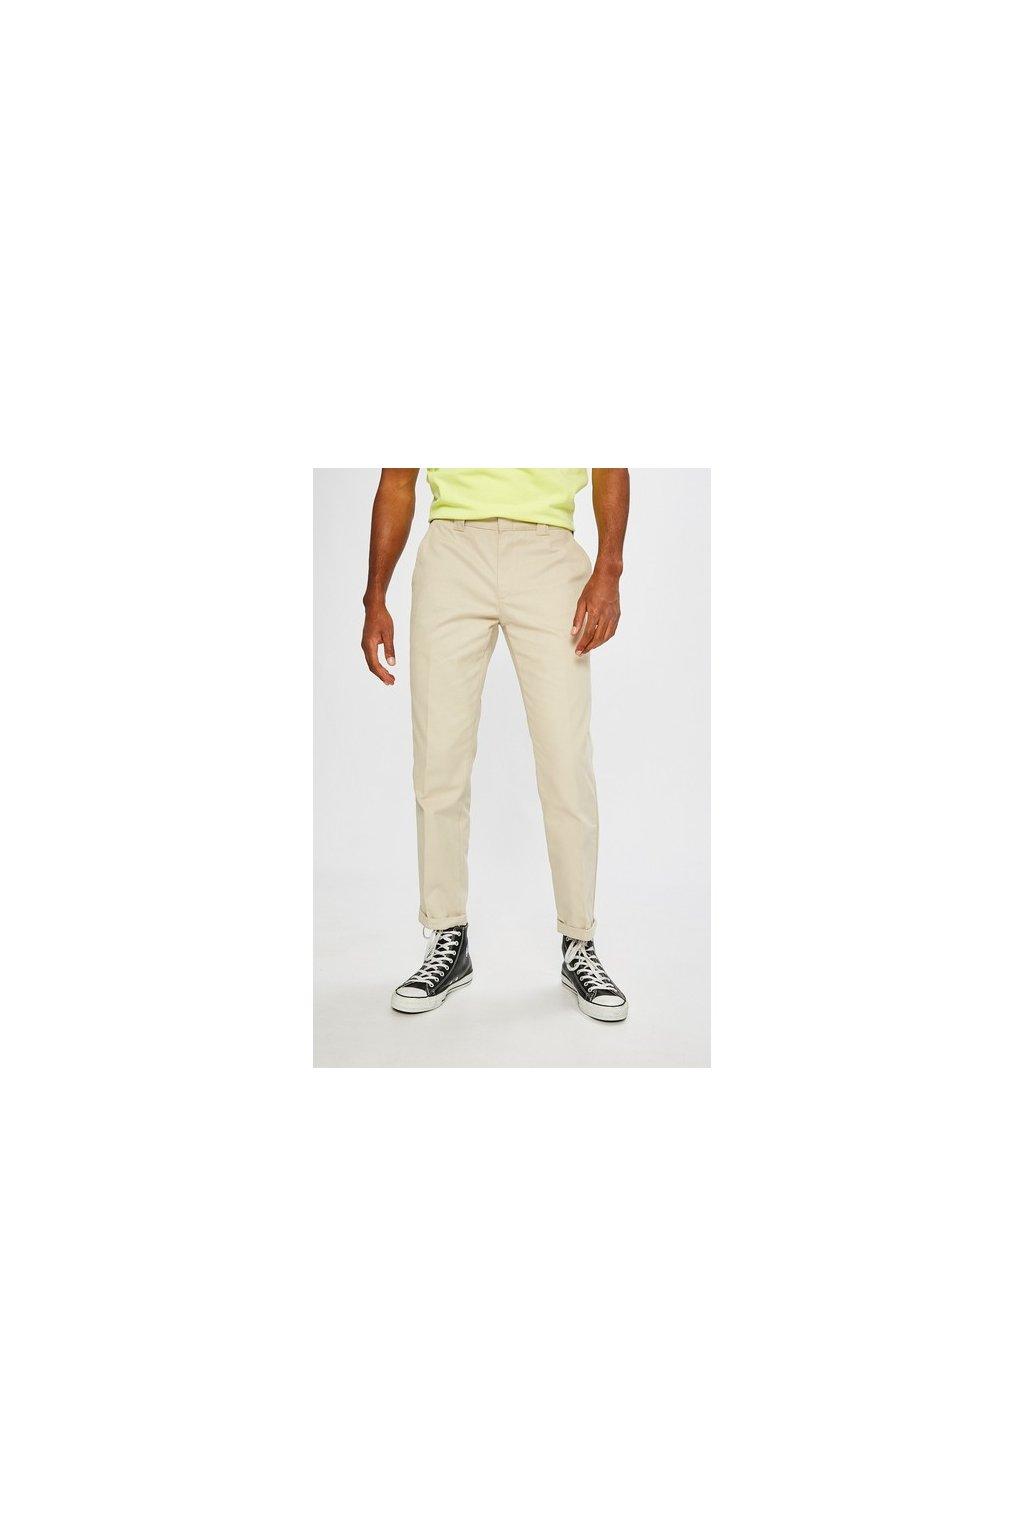 Pánské kalhoty Tommy Hilfiger DM0DM04827011